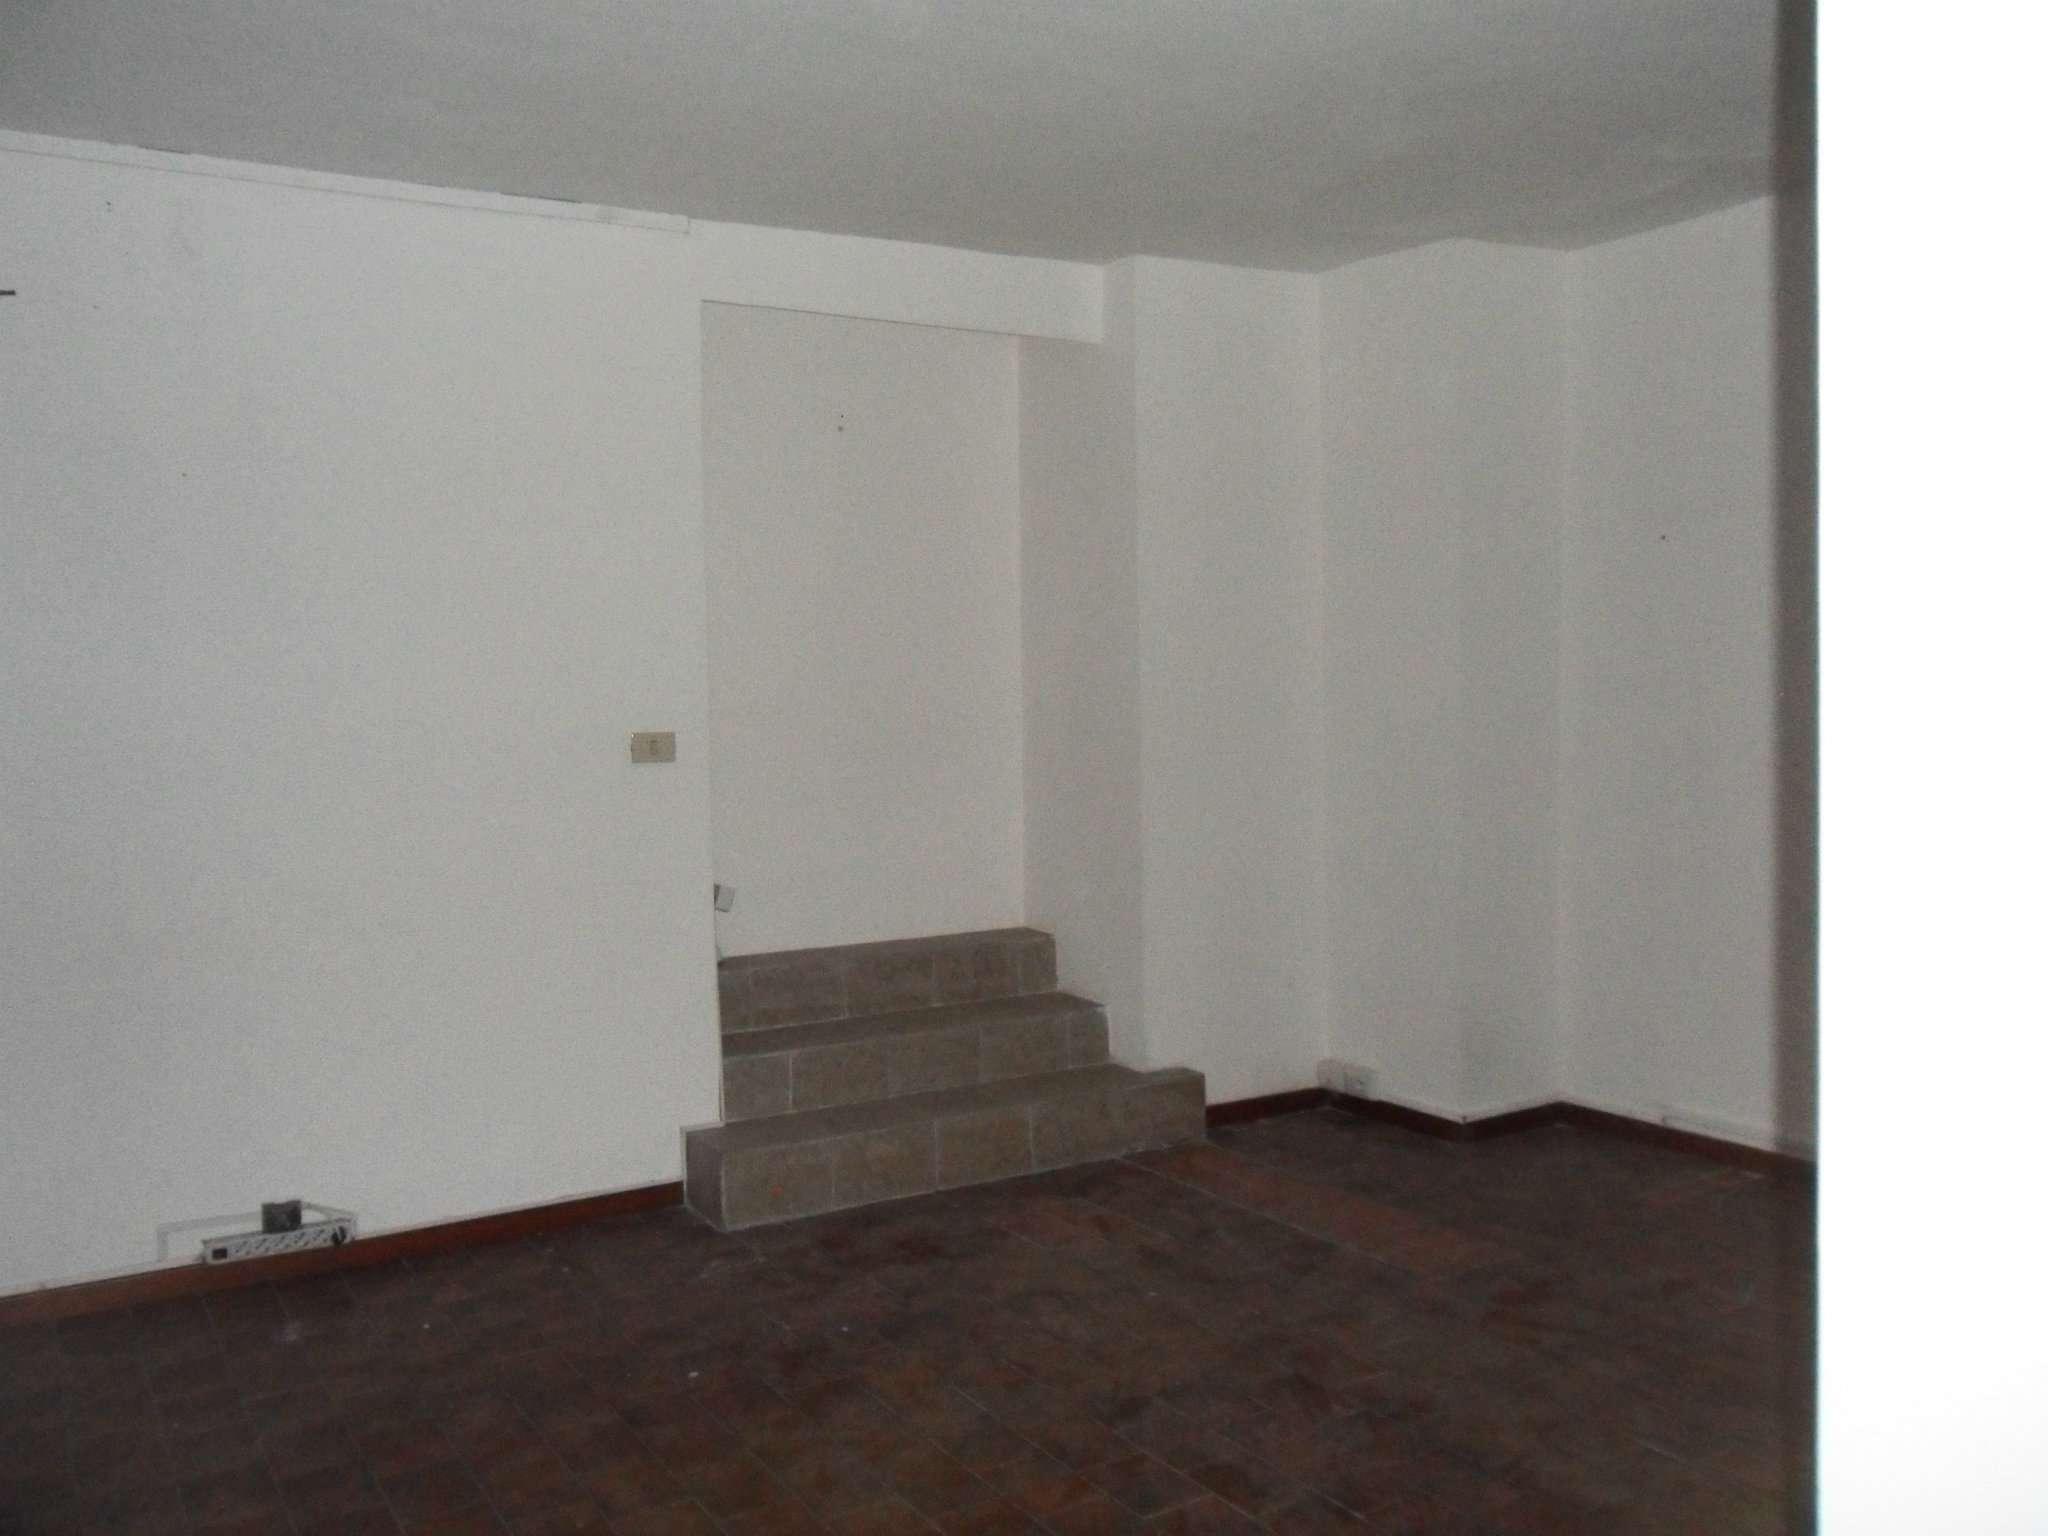 Negozio / Locale in affitto a Catania, 2 locali, prezzo € 600 | CambioCasa.it